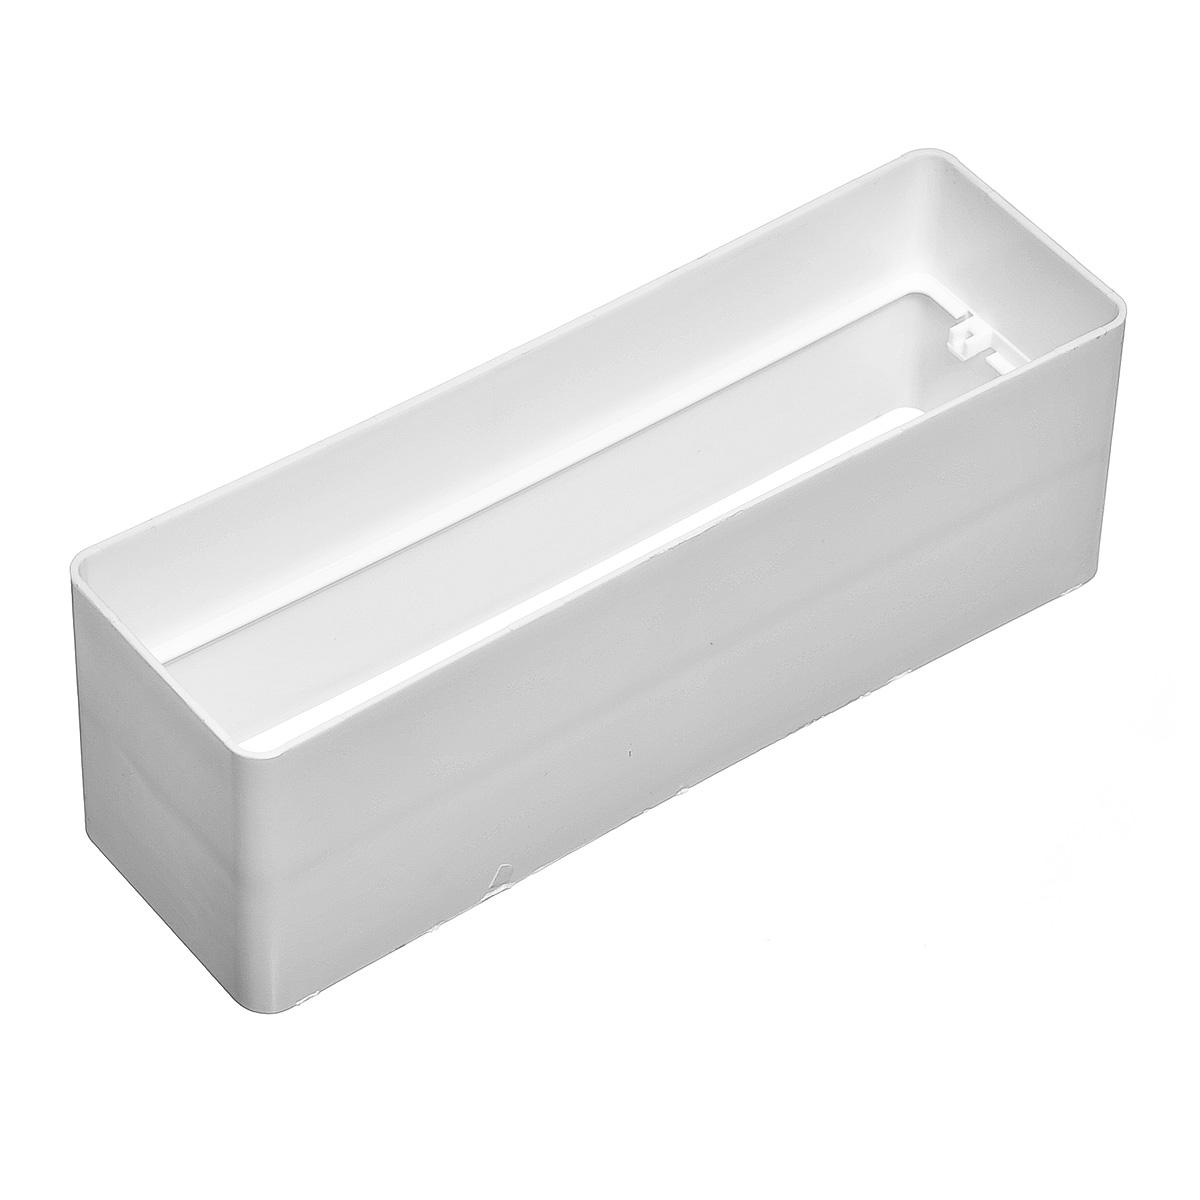 Купить Соединитель для вентиляционных коробов пластиковый, размер 60х204 мм — Фото №1